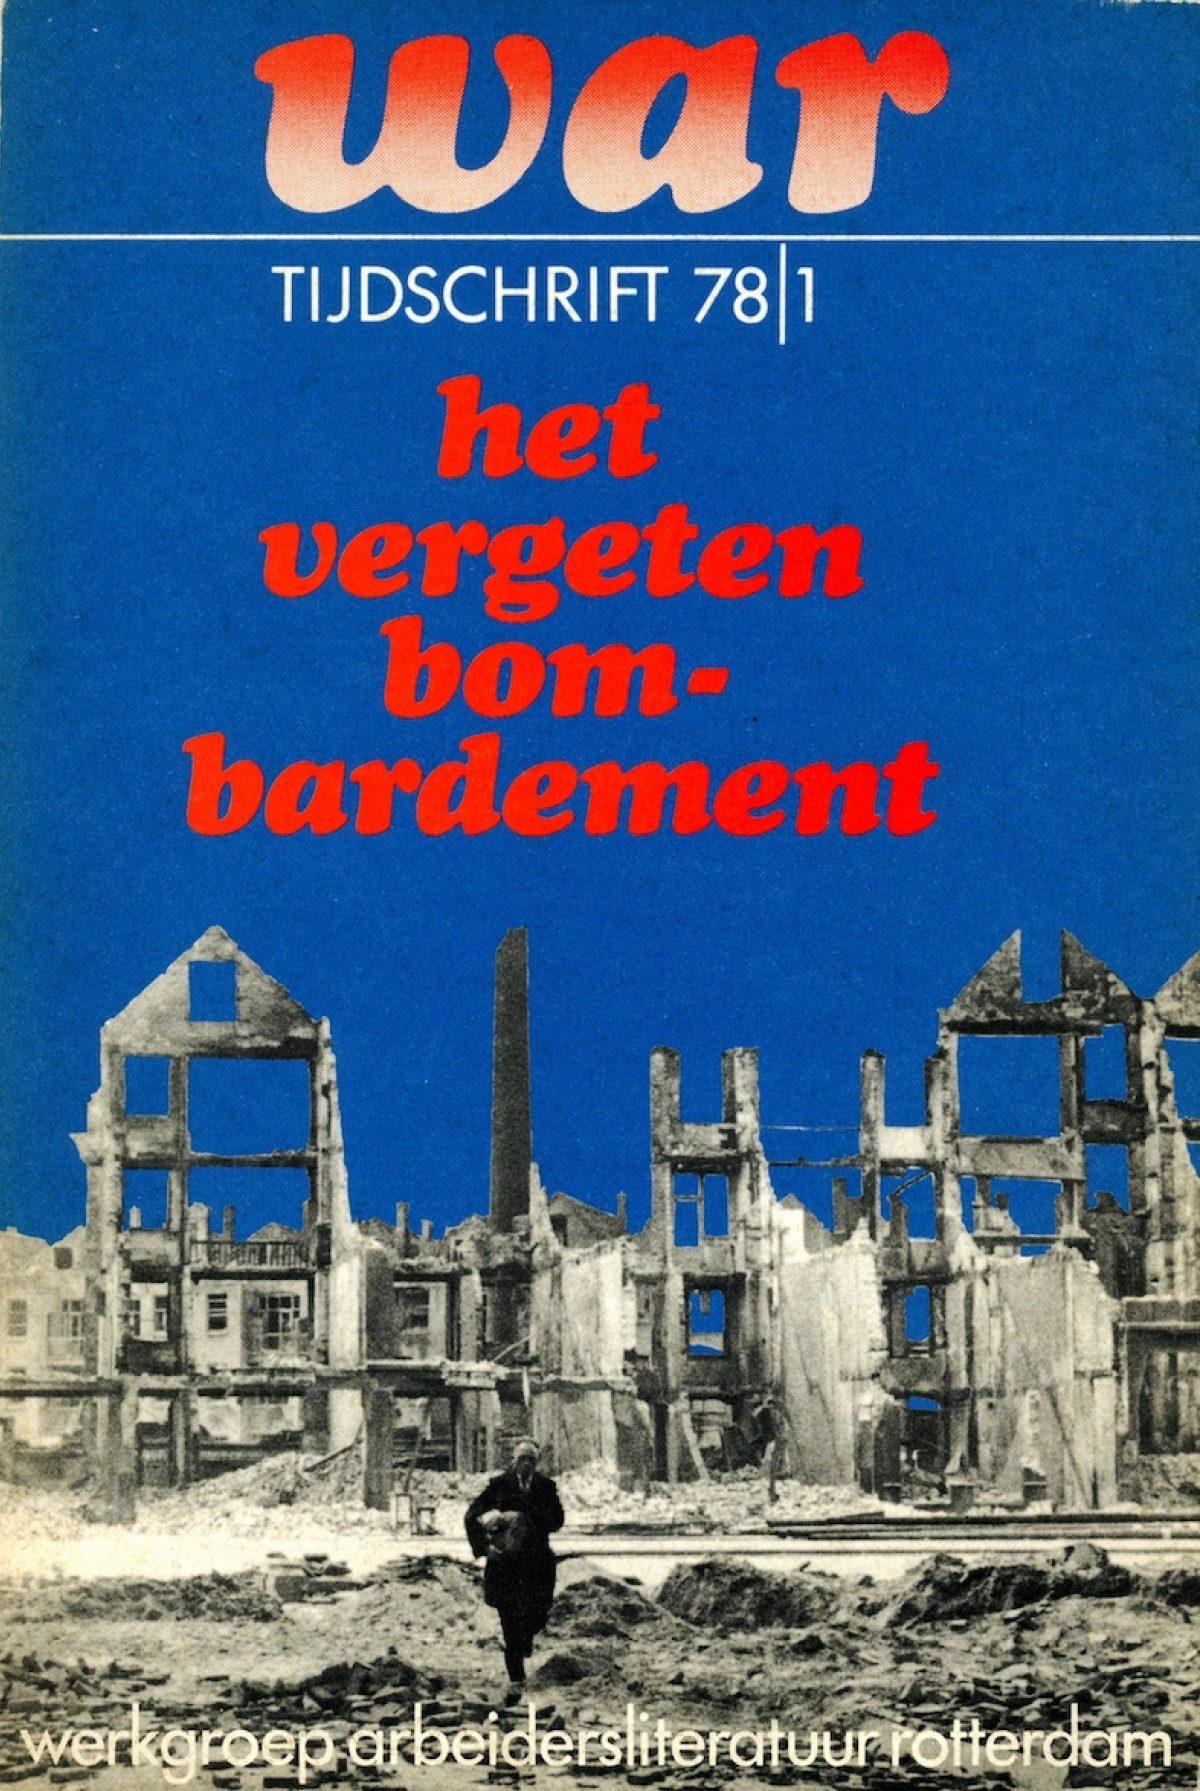 1h algemeen T 1978 vergeten bomb